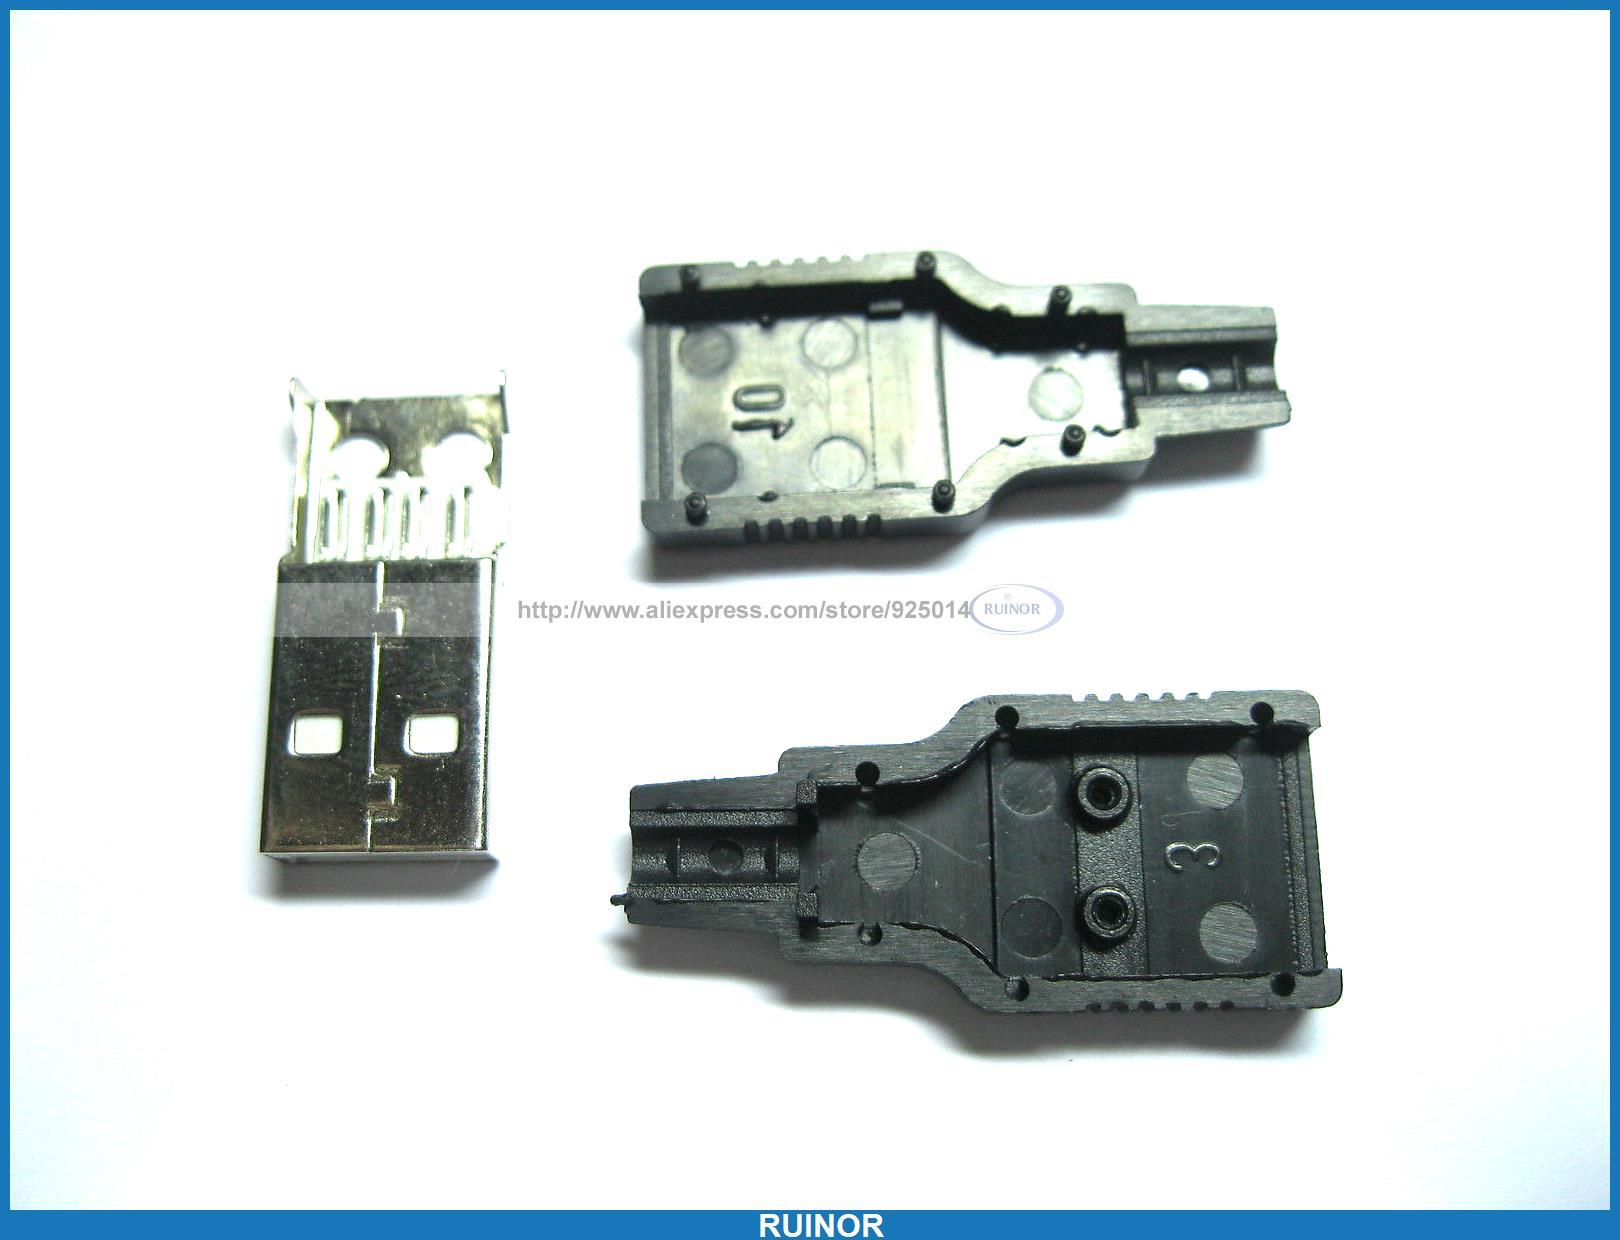 موصل قابس USB A-M ، لحام ، 3 قطع ، 4 دبابيس ، غطاء بلاستيكي أسود ، 200 قطعة